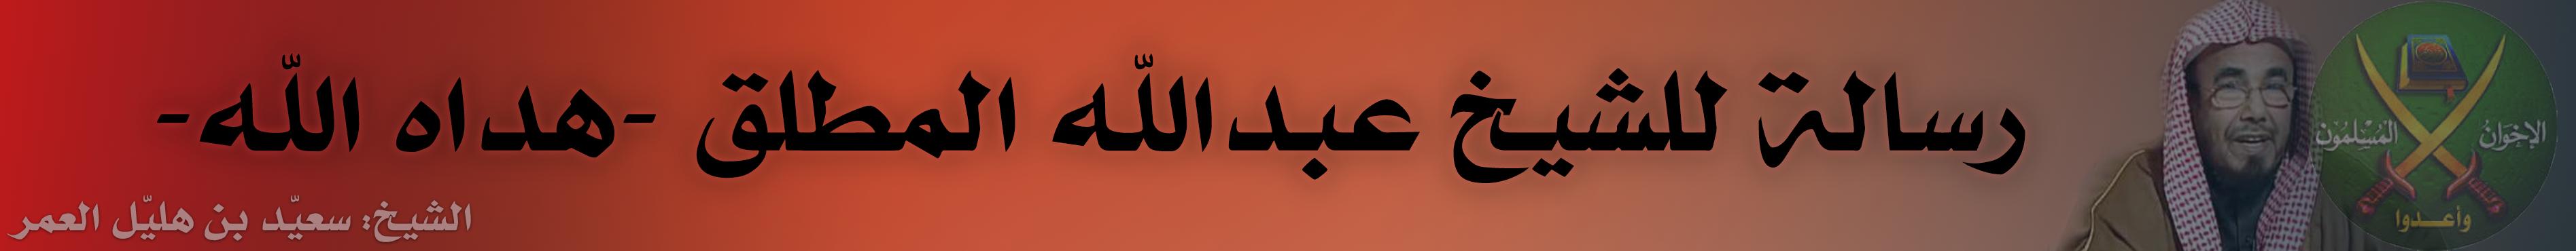 رسالة للشيخ عبدالله المطلق